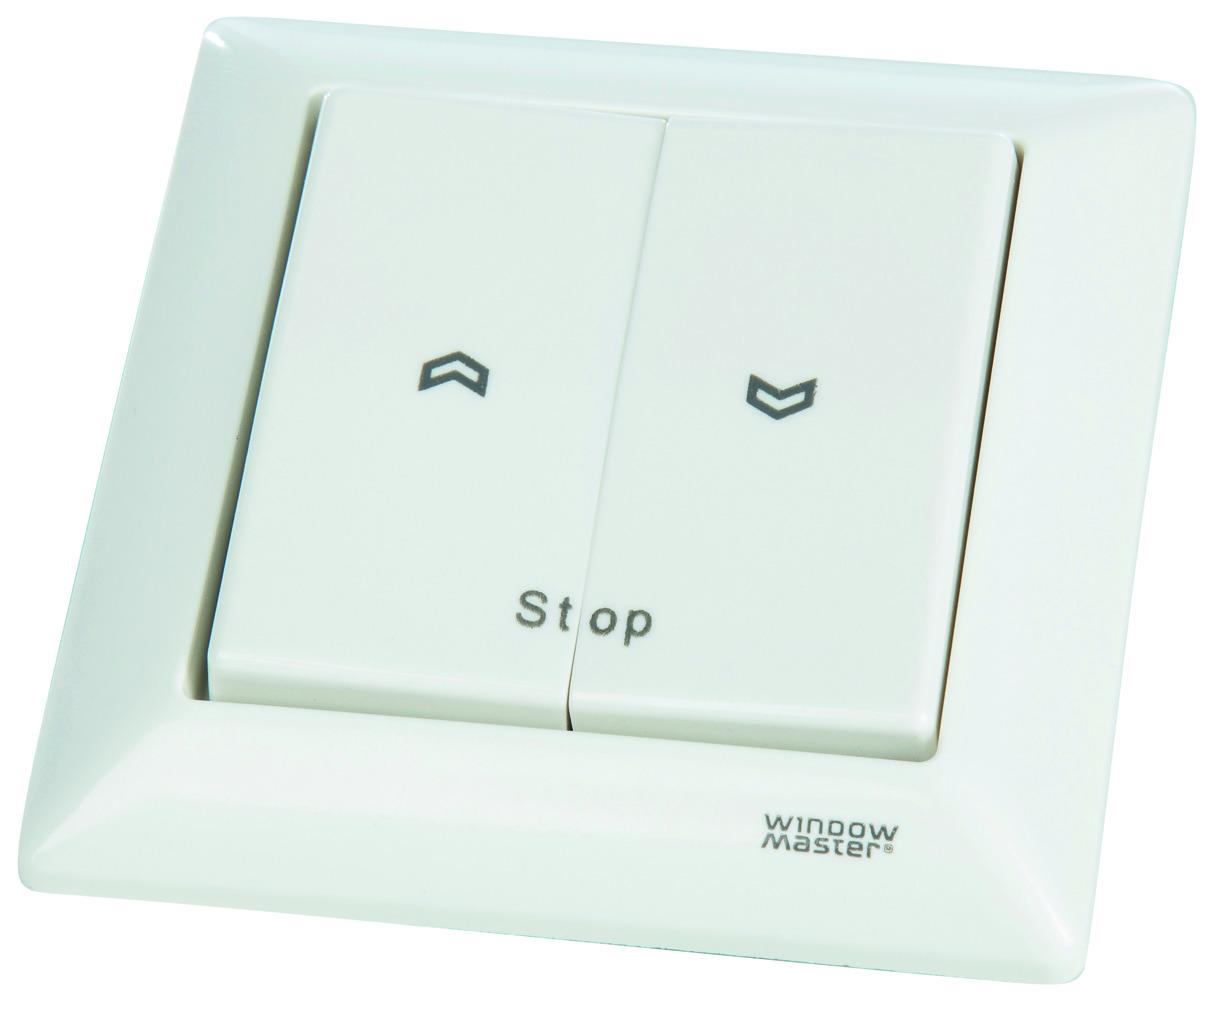 Bouton poussoir de ventilation uP WINDOWMASTER WSK 100 1161